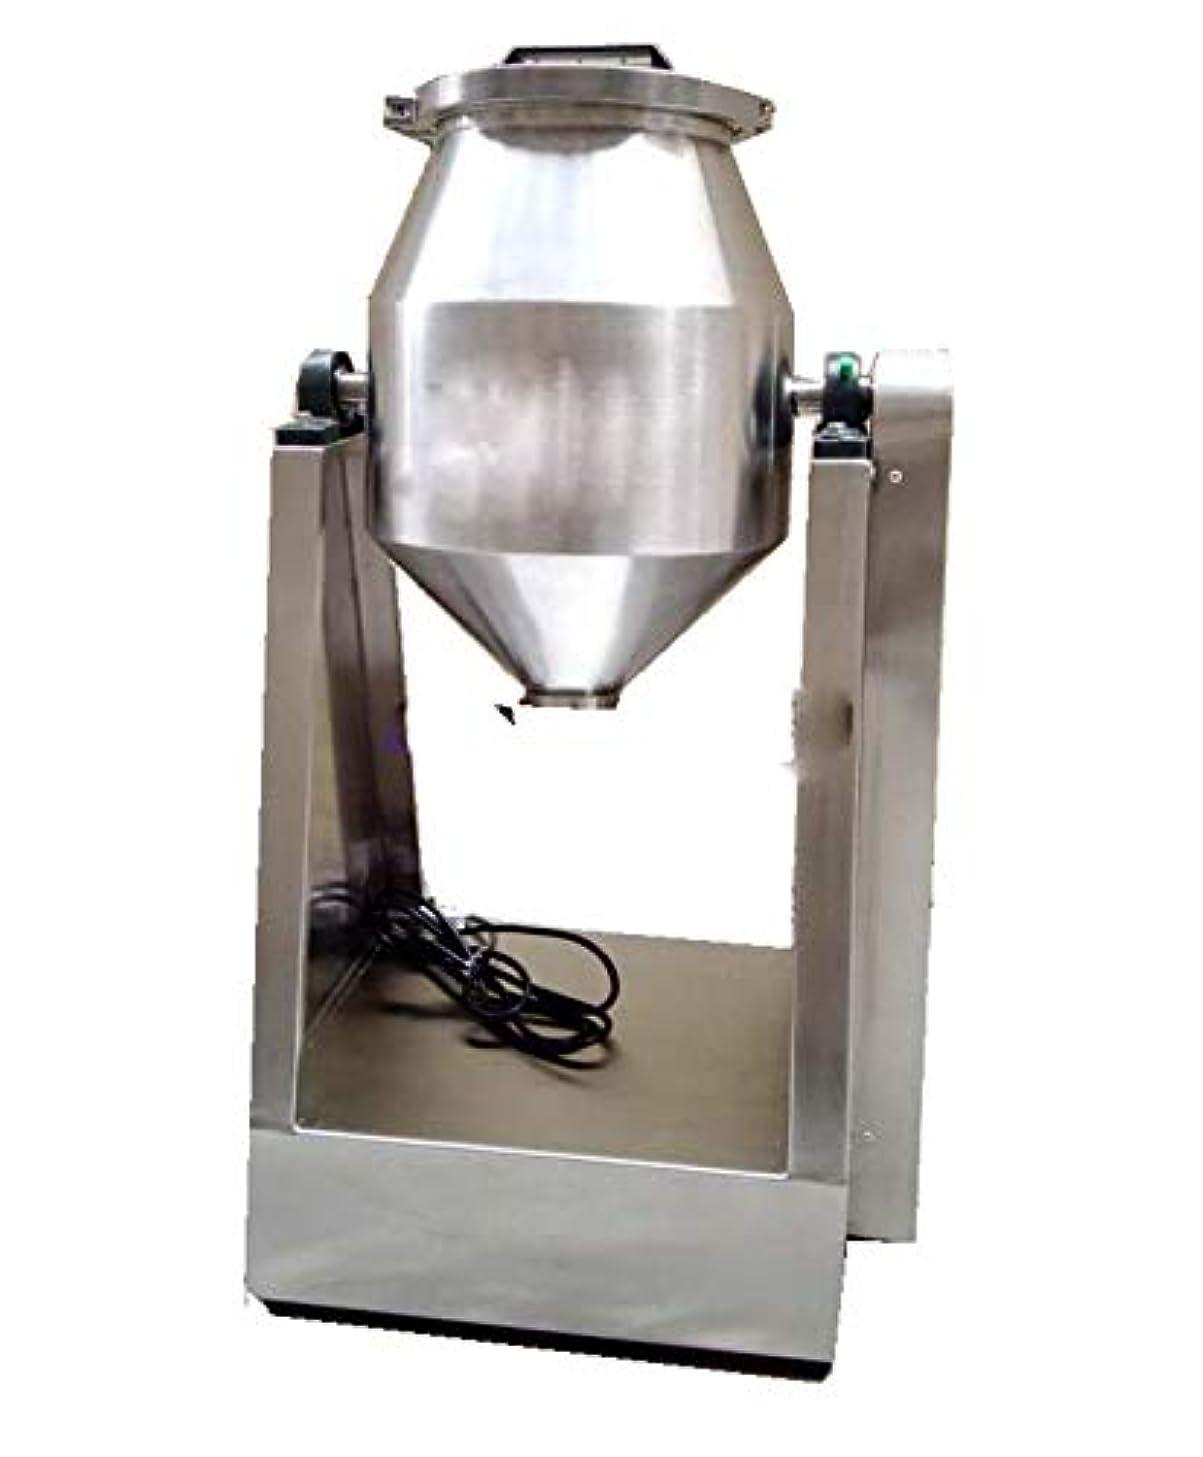 ソファー岸旧正月MXBAOHENG ポットミキサー 原料ミキサー機.シリンダー容量は13L YGQ-2K 粉末 水 高速ミキサー クーラーミキサー攪拌機製薬、化学、食品、飼料、セラミック、冶金およびその他の産業における乾燥粉末と粒状材料の混合 110V